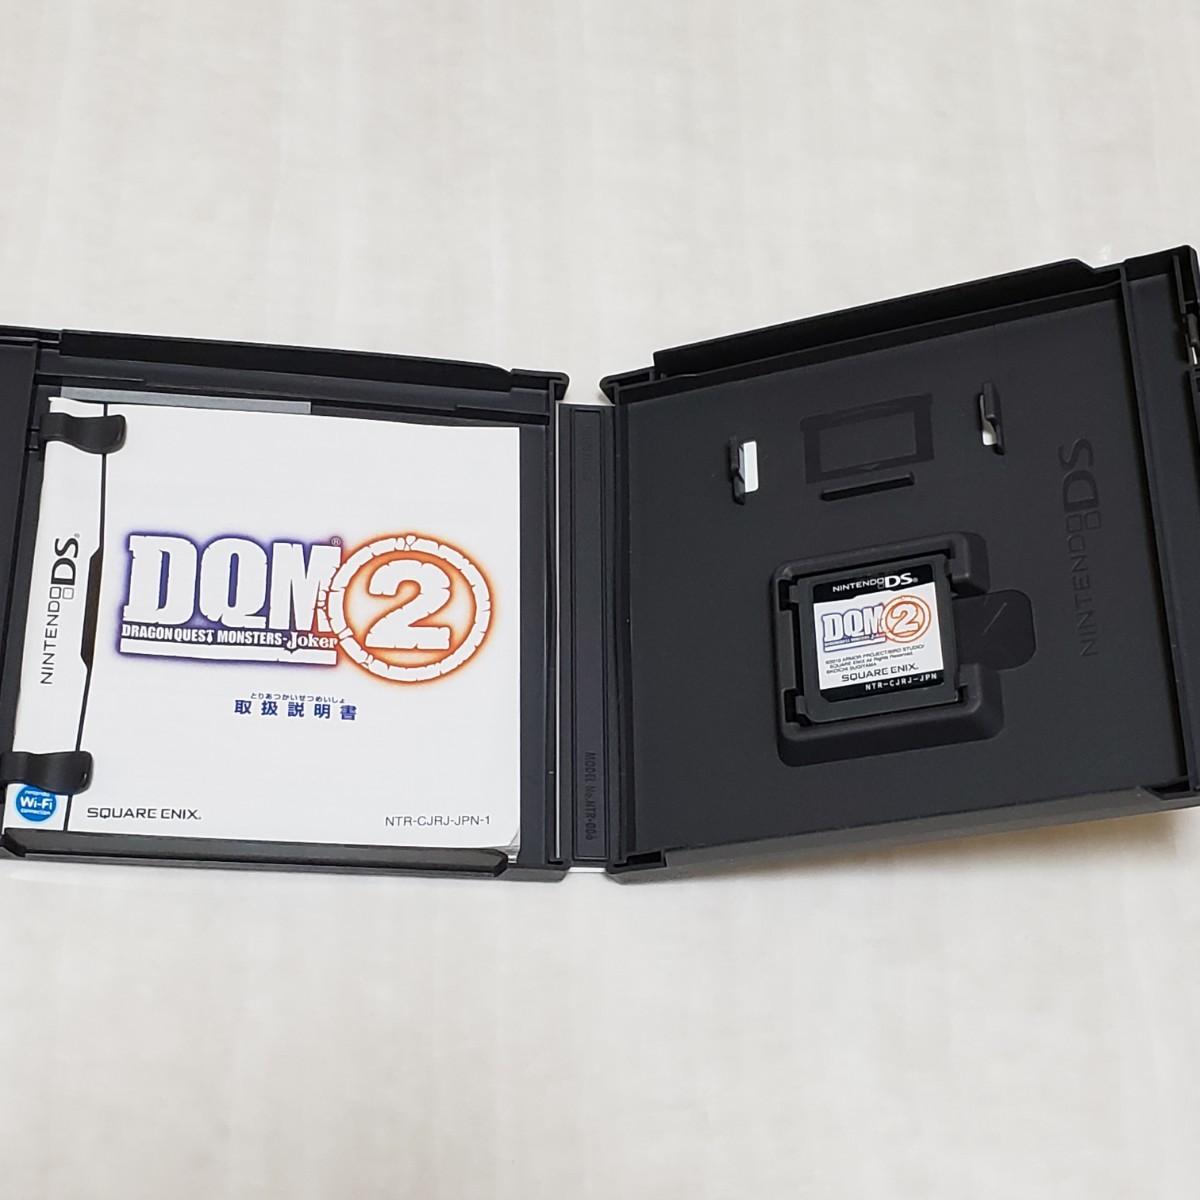 ドラゴンクエストモンスターズ ジョーカー2(アルティメット ヒッツ) DS